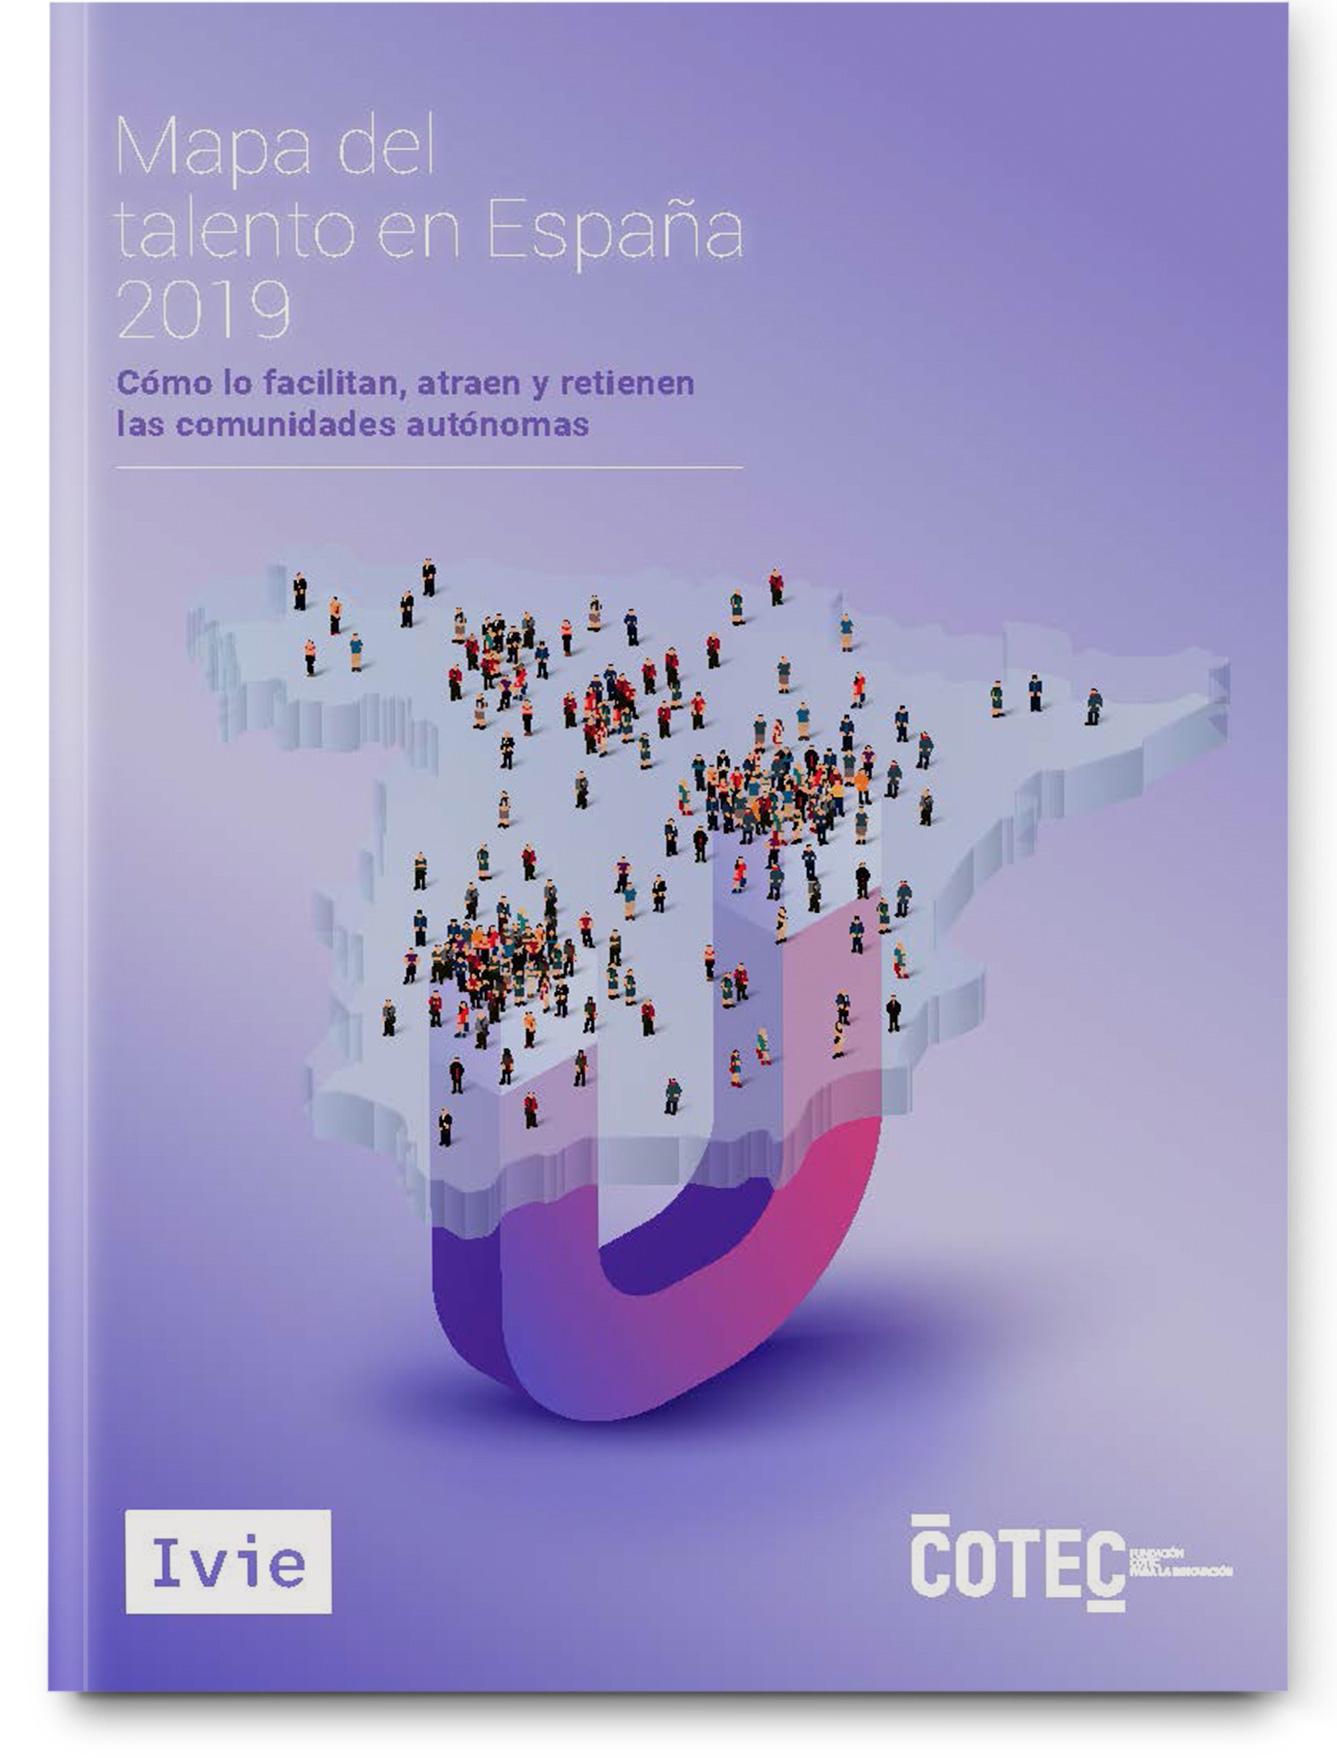 Mapa del talento en España 2019. Cómo lo generan, atraen y retienen las comunidades autónomas